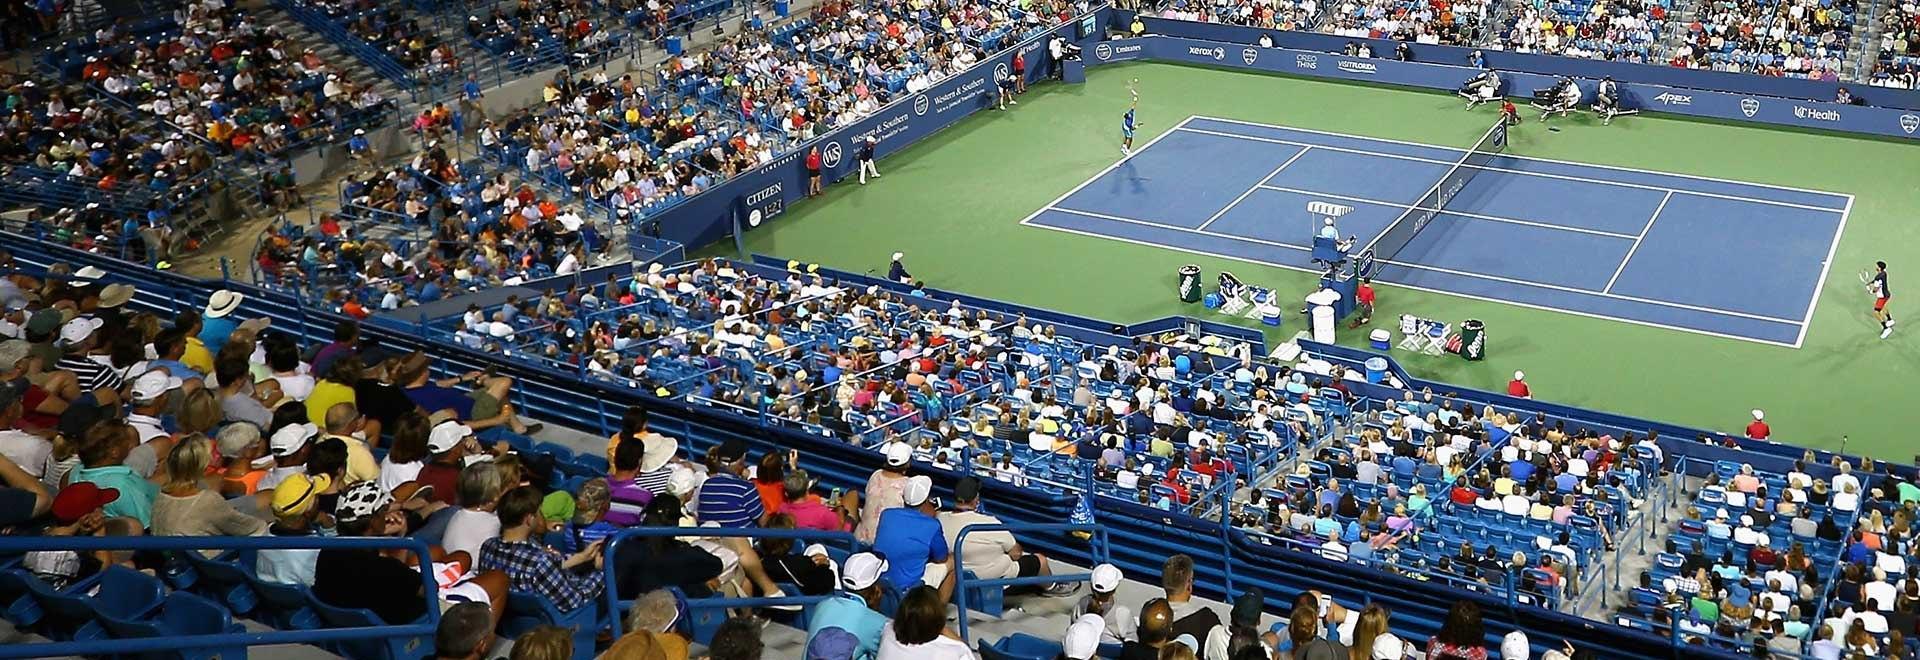 Nadal - Isner. Finale